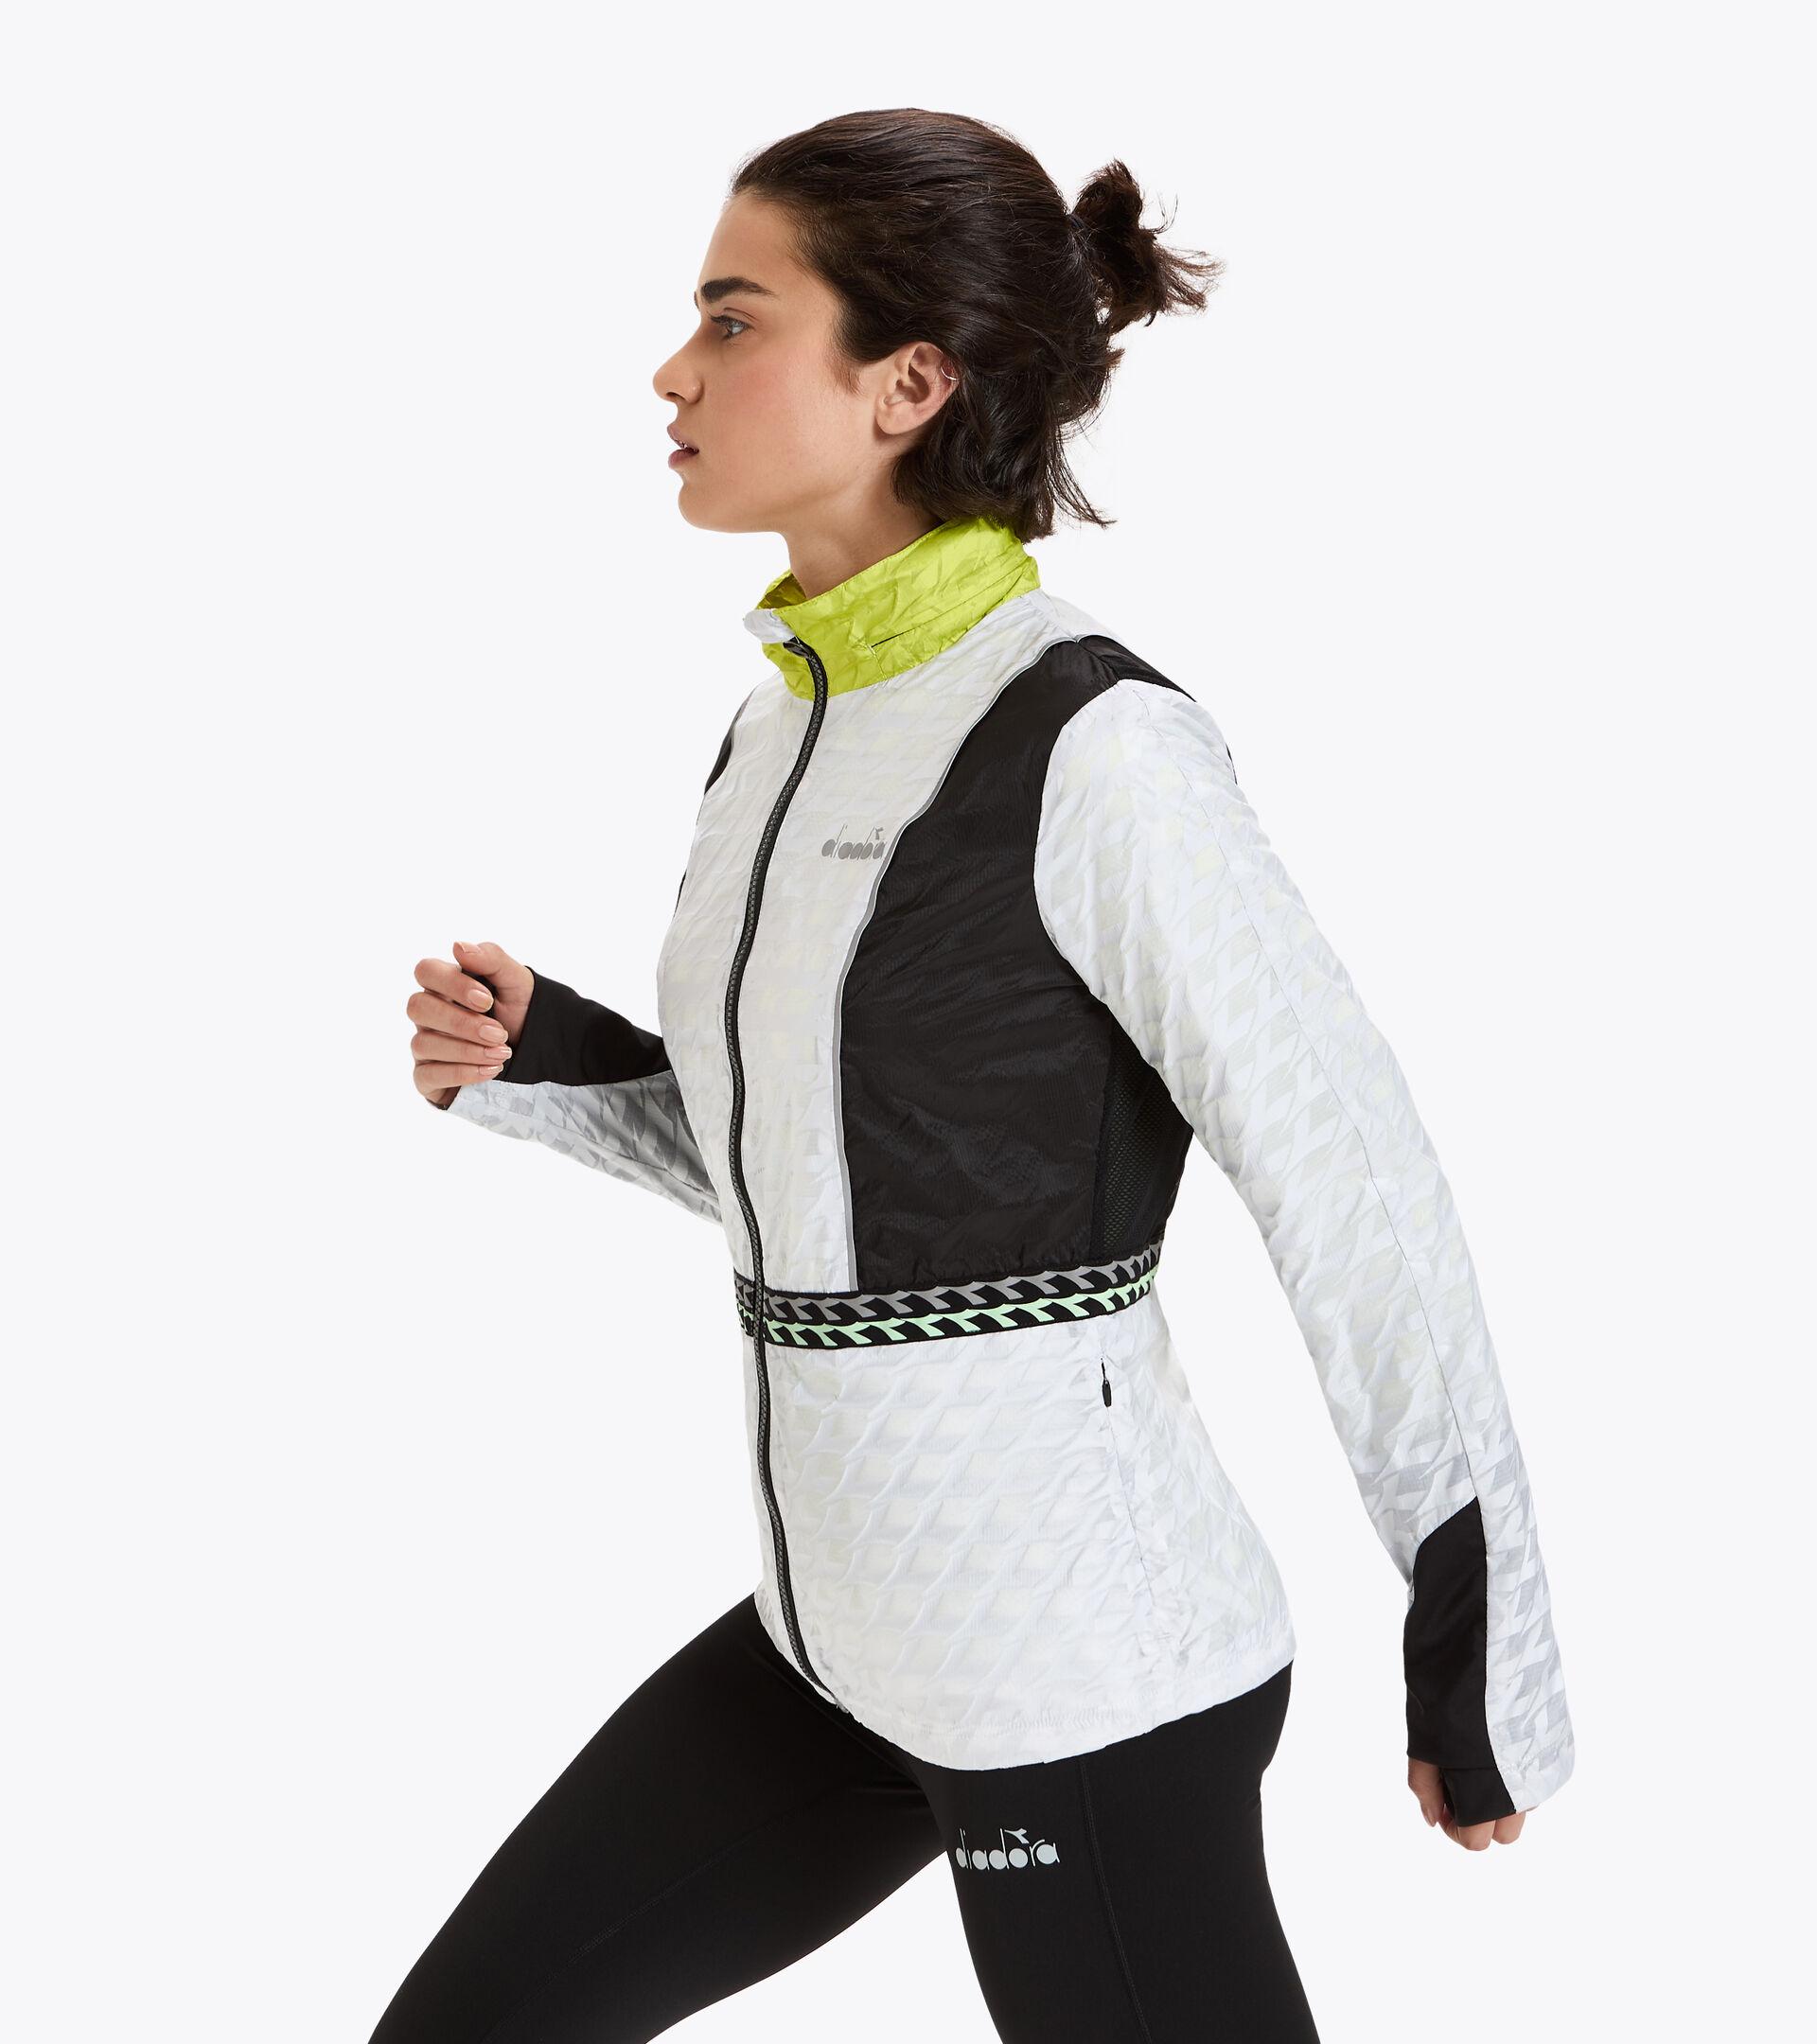 Chaqueta isotérmica para correr - Mujer L. ISOTHERMAL JACKET BE ONE BLANCO VIVO - Diadora